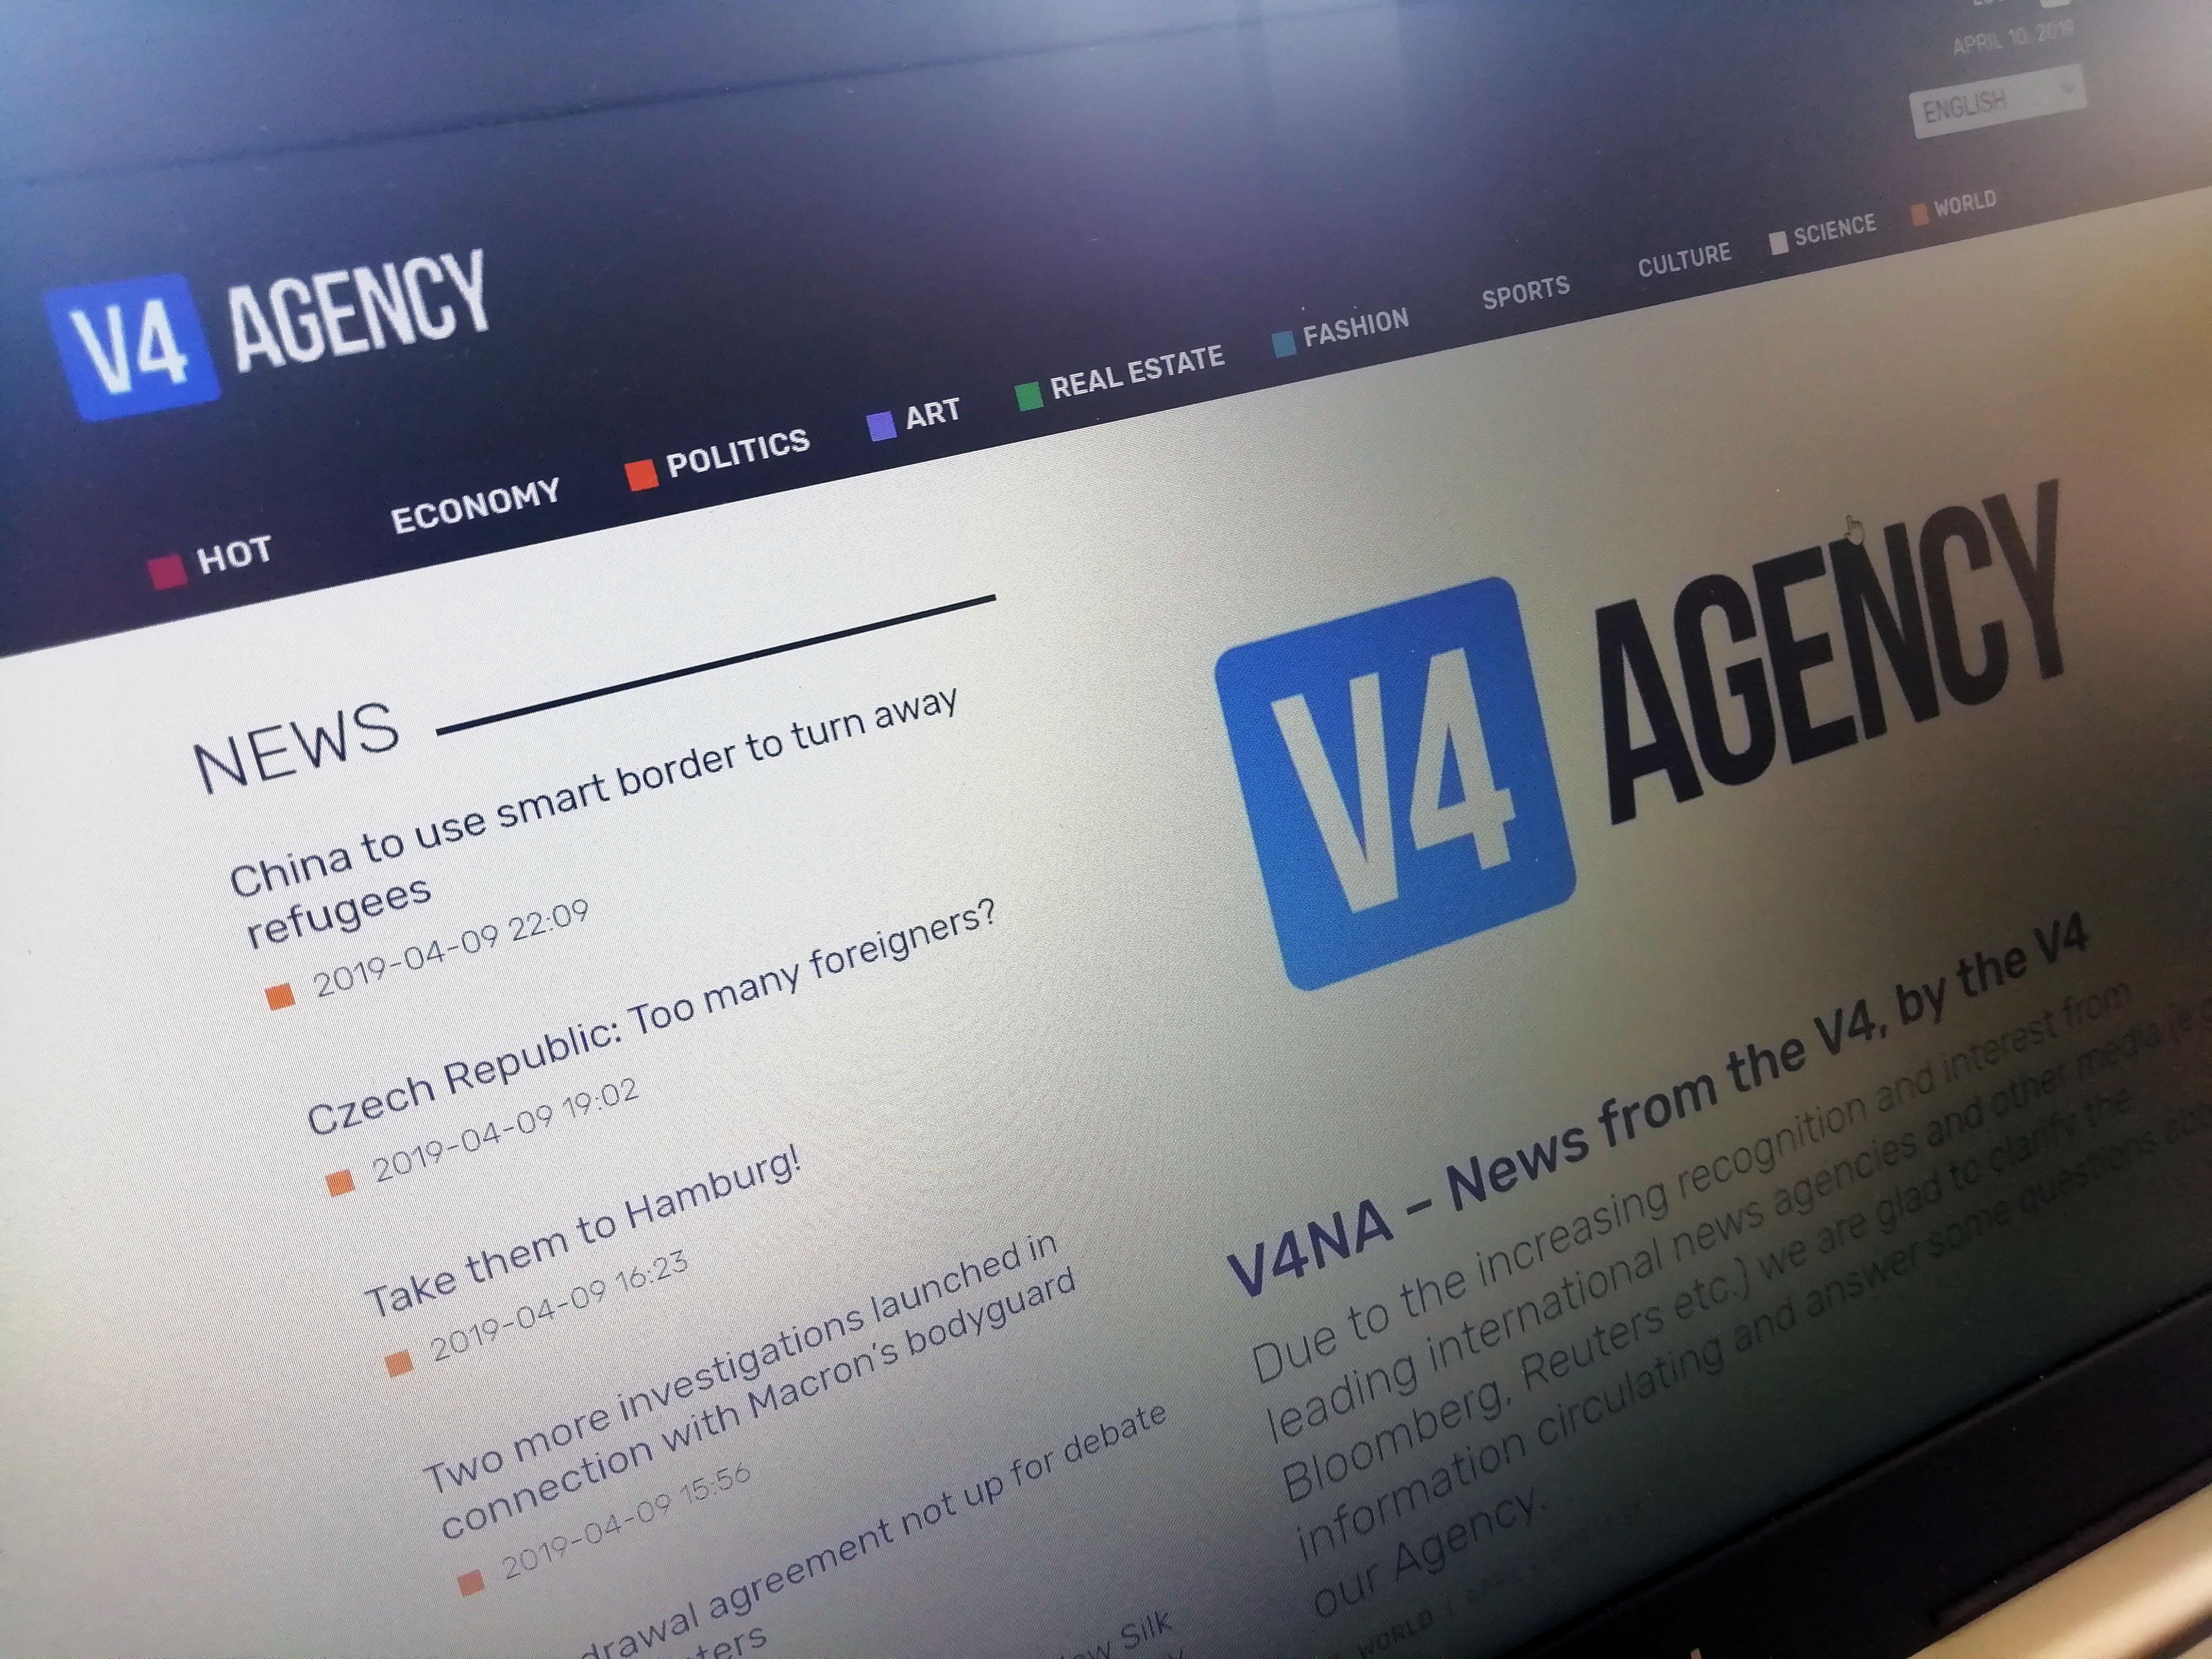 v4 news agency